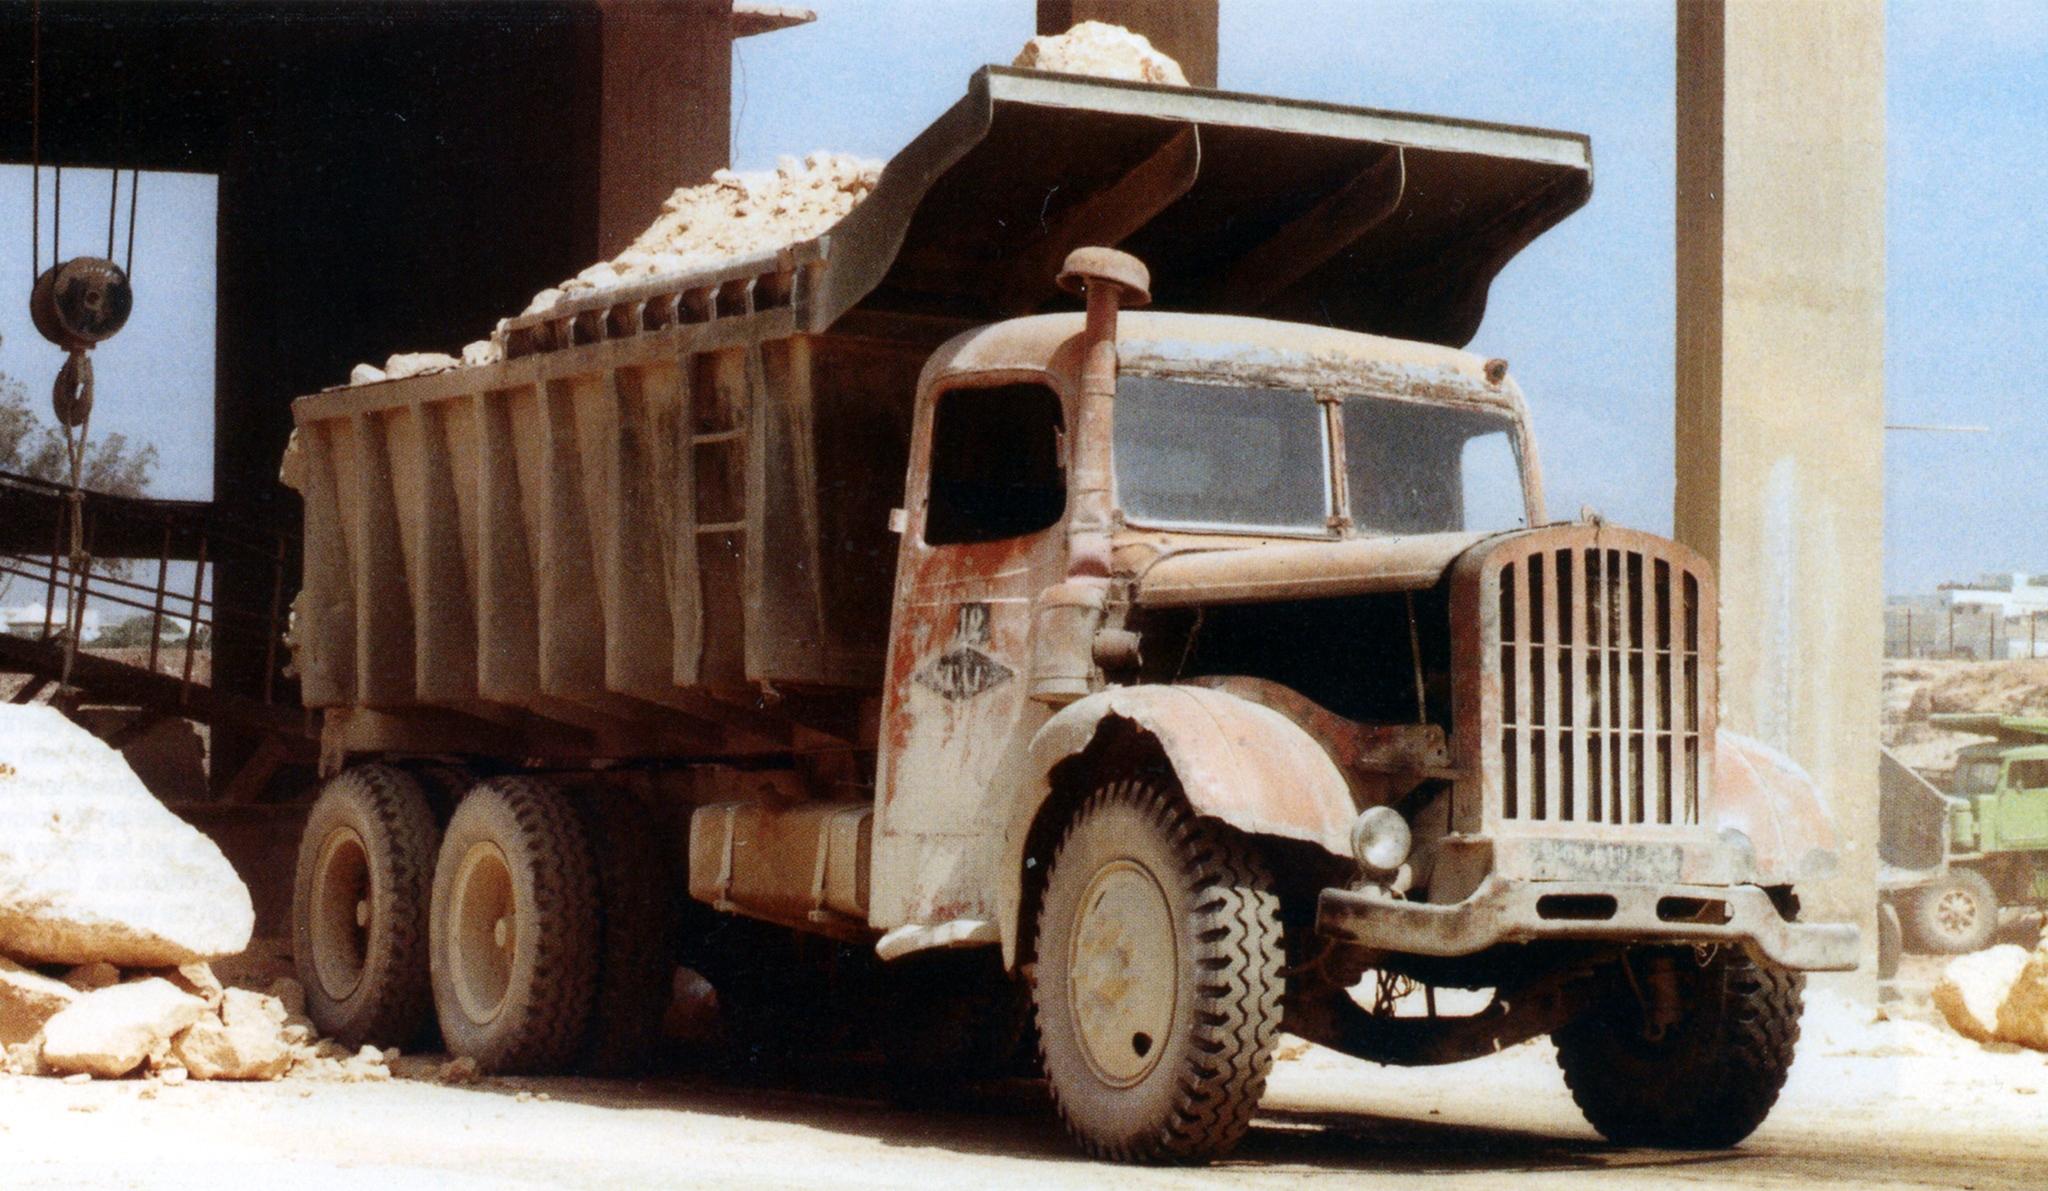 Transport Routier au Maroc - Histoire - Page 2 49882255687_544b97588d_o_d